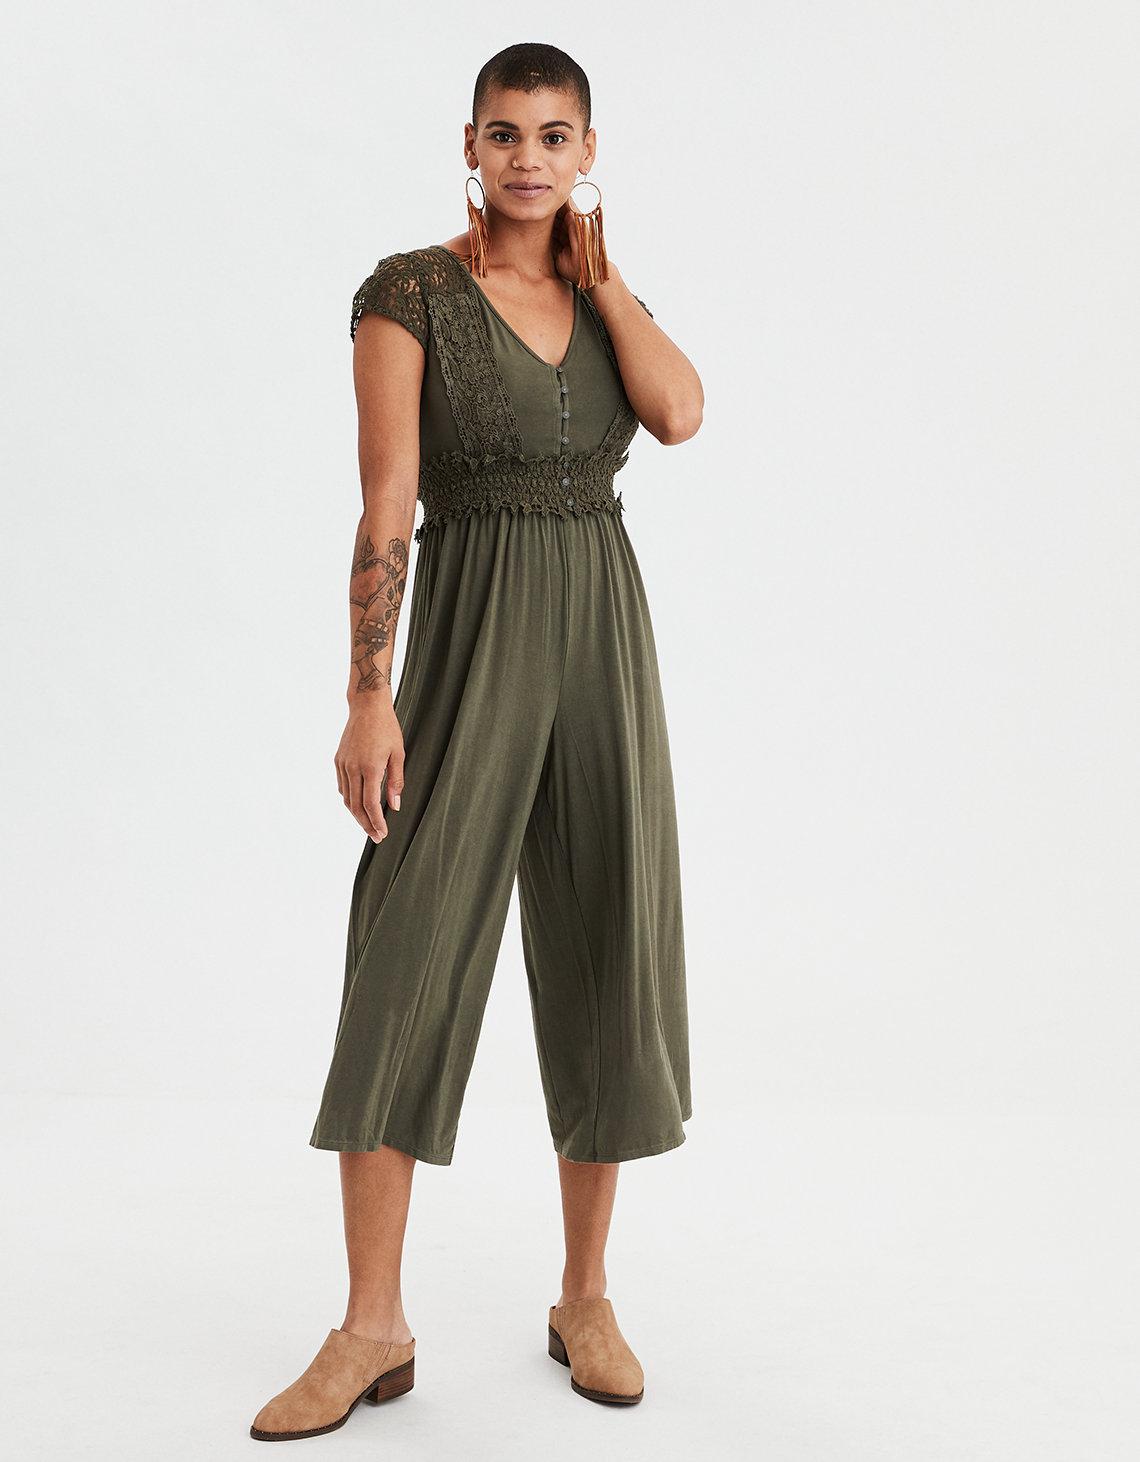 087c39287b8 AE Knit Lace Culotte Jumpsuit